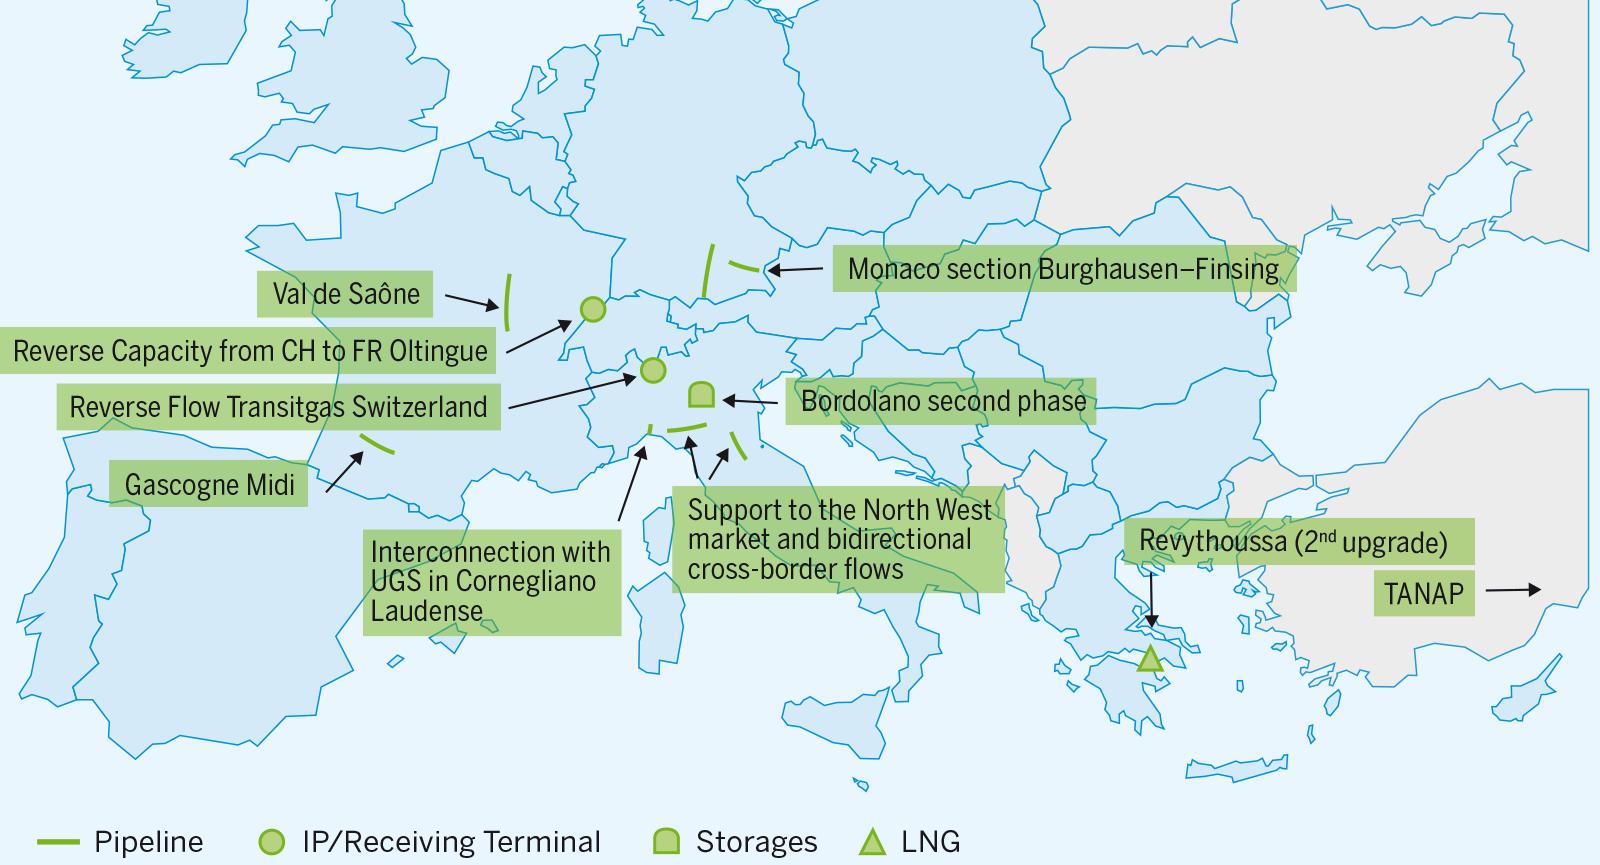 Infrastructure Figure 3